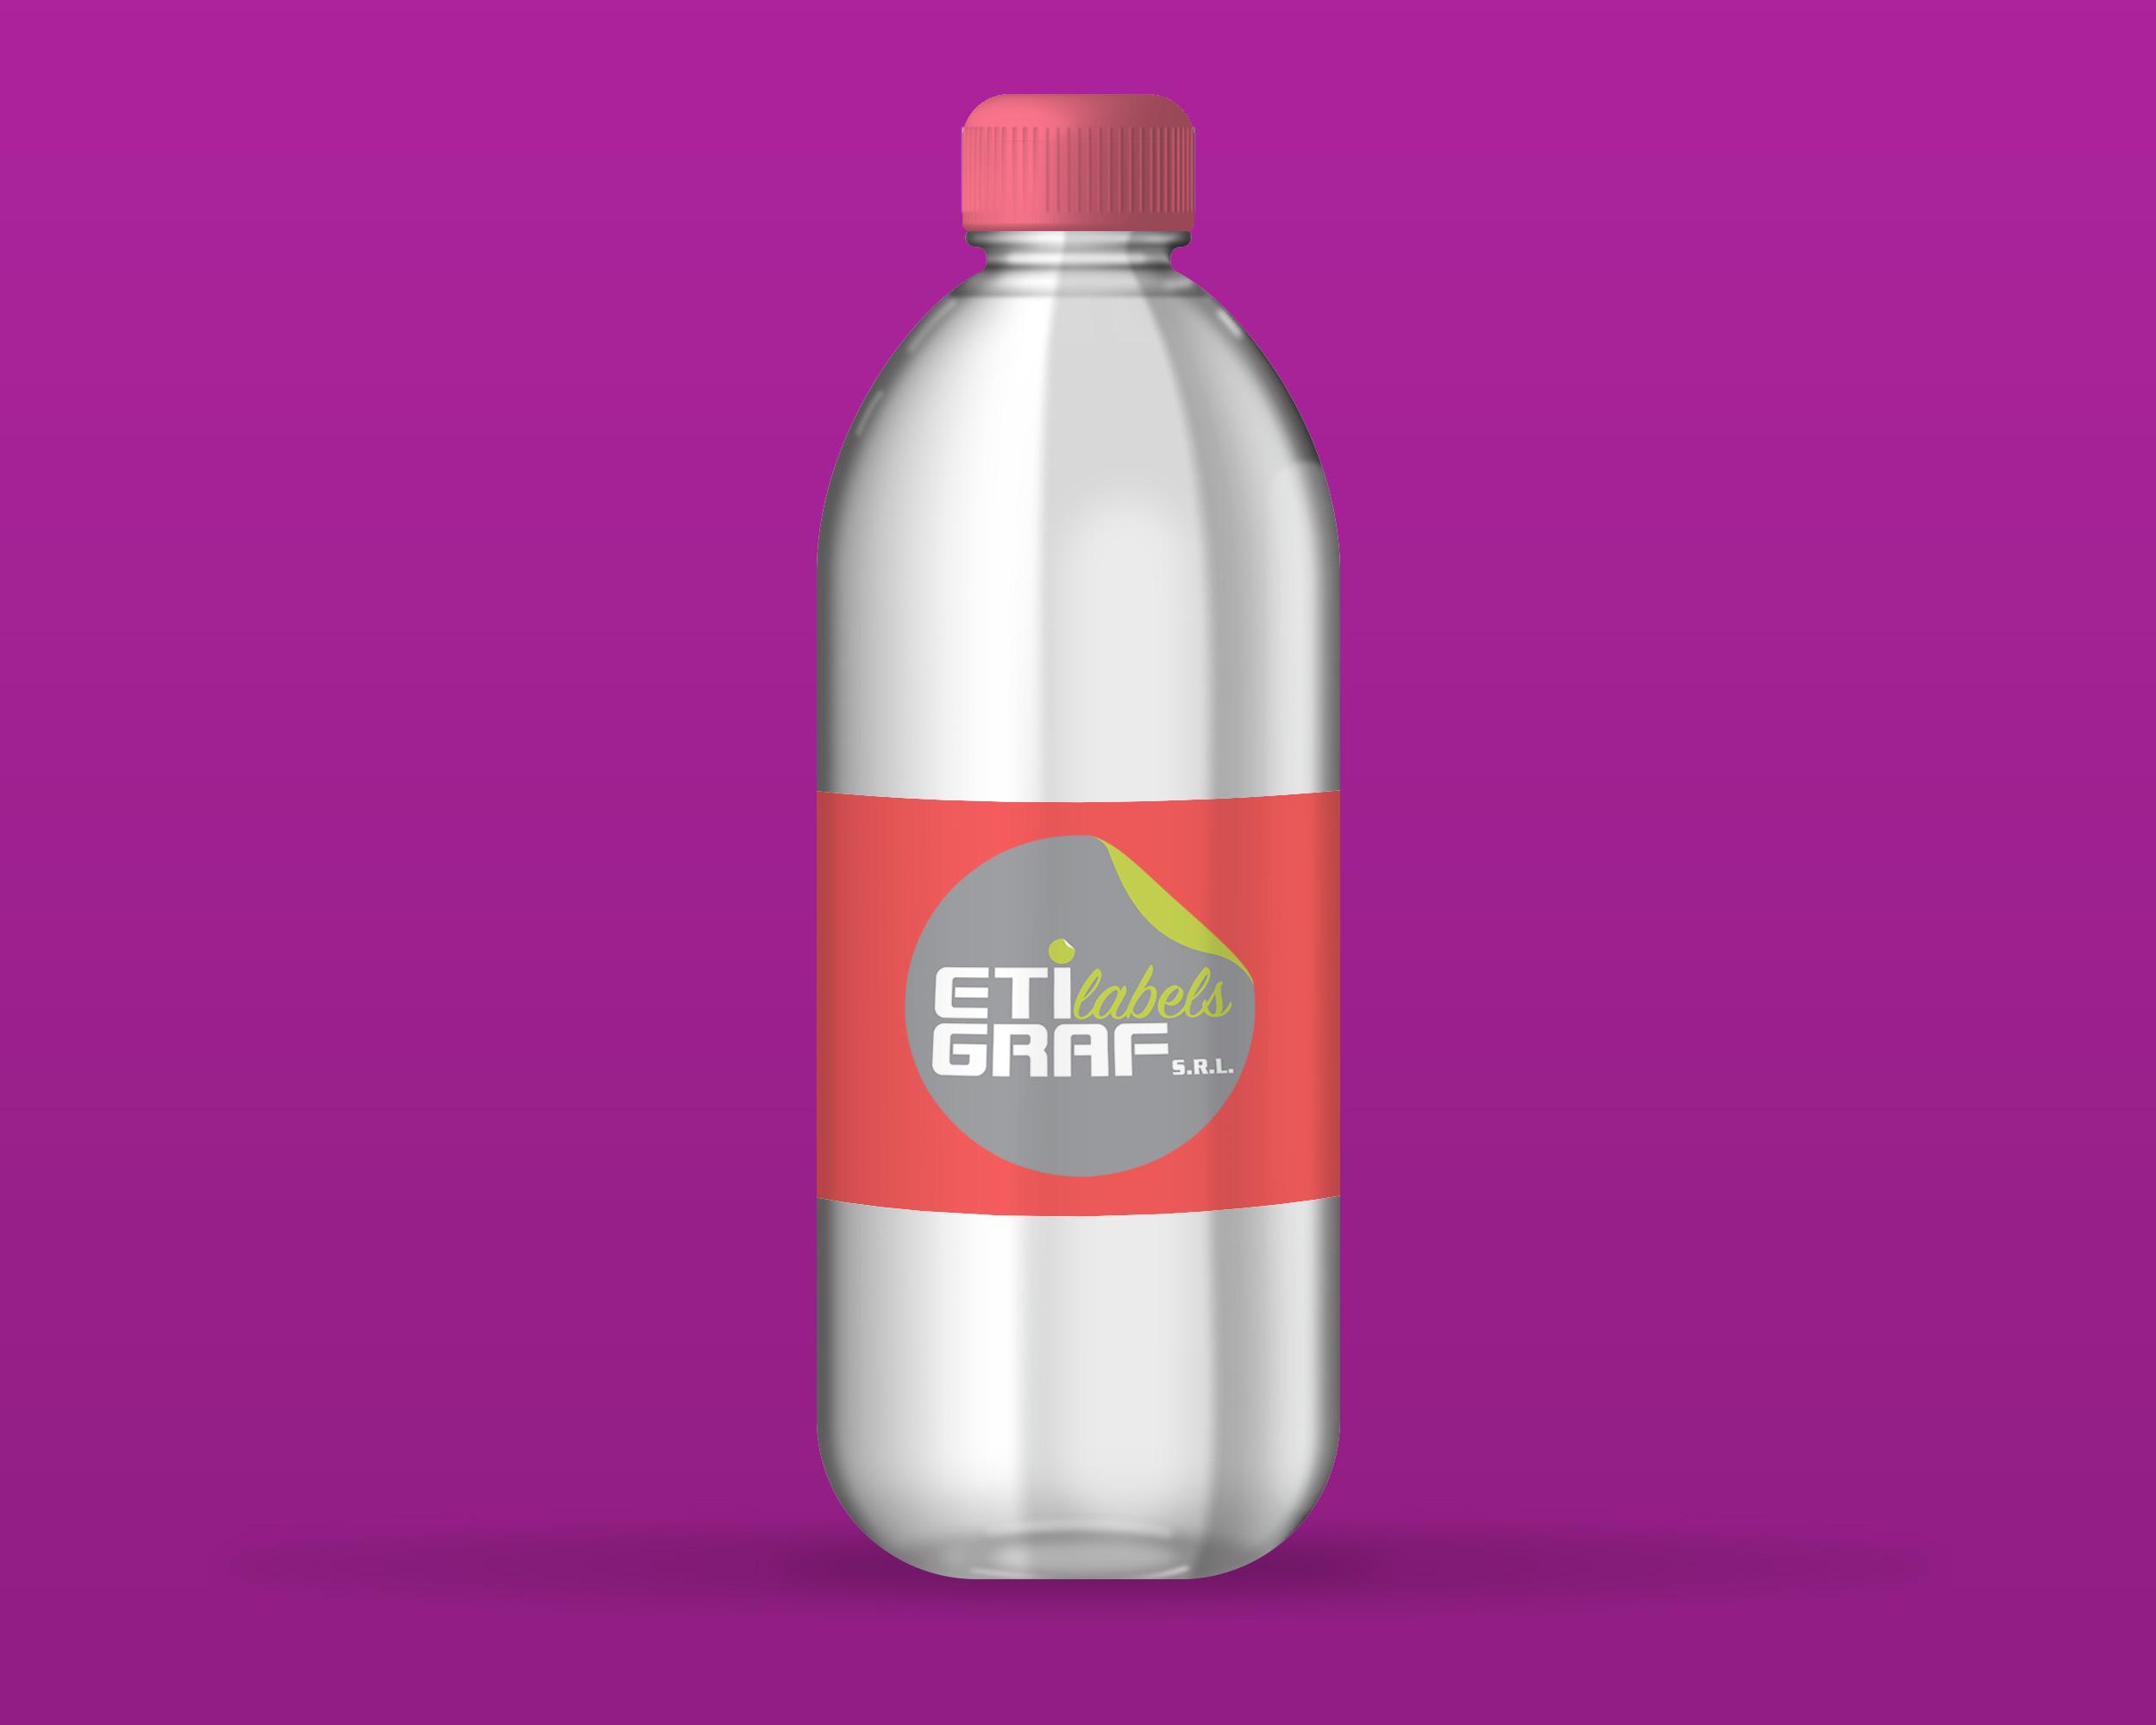 etichette-personalizzate-food-beverage-torino